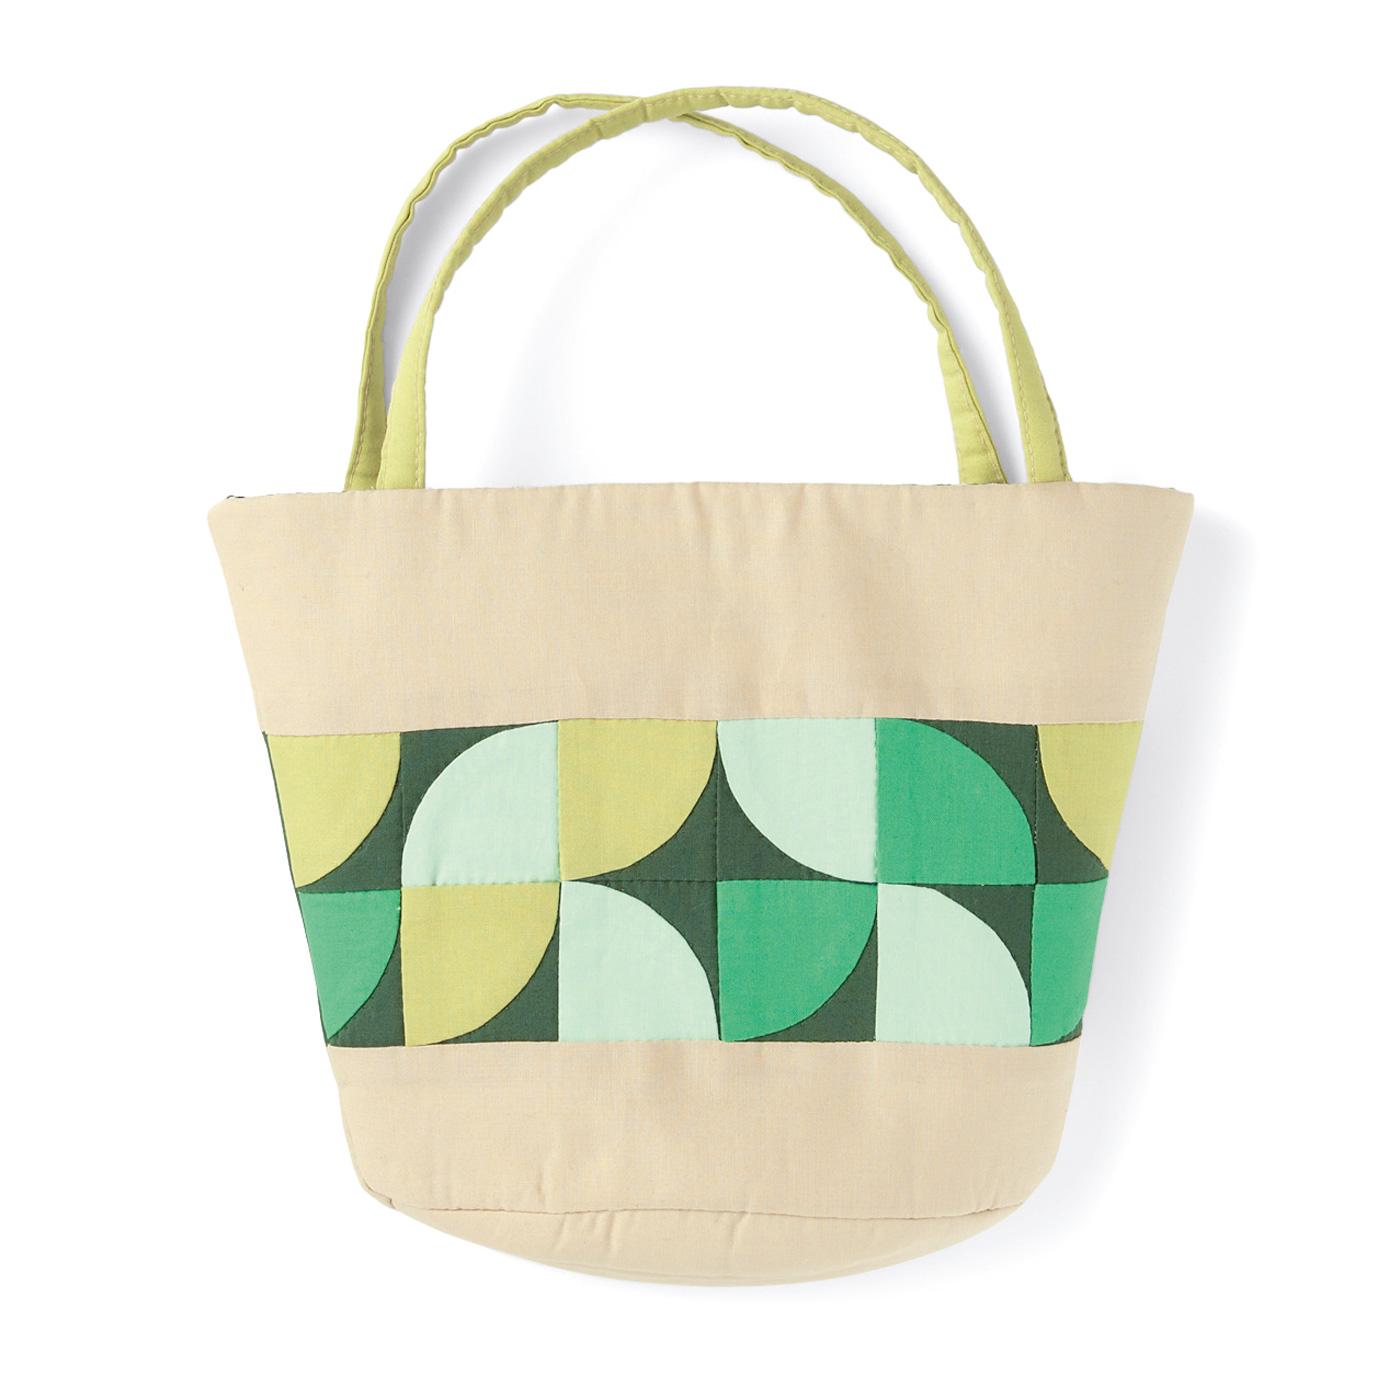 タイプ2:clover(ボート形底のバッグ)